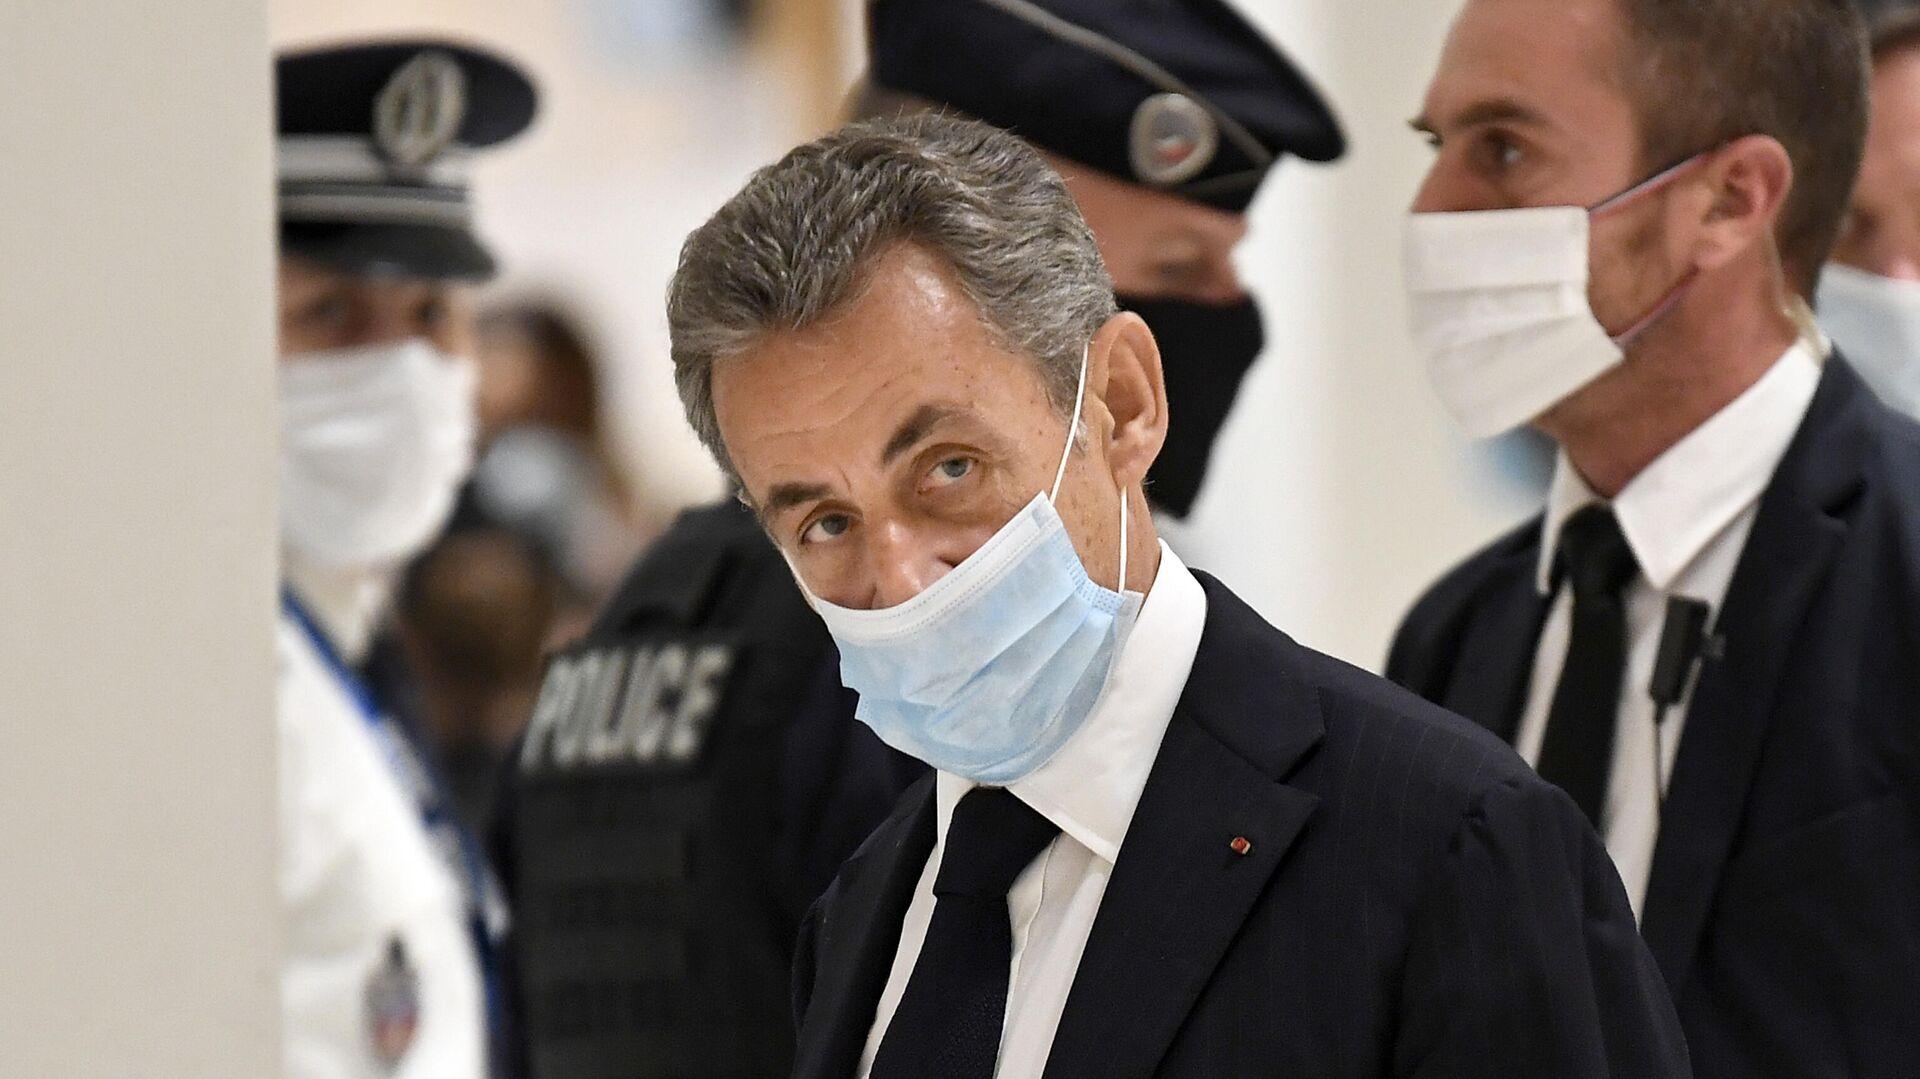 Бывший президент Франции Николя Саркози в здании суда  - РИА Новости, 1920, 28.11.2020